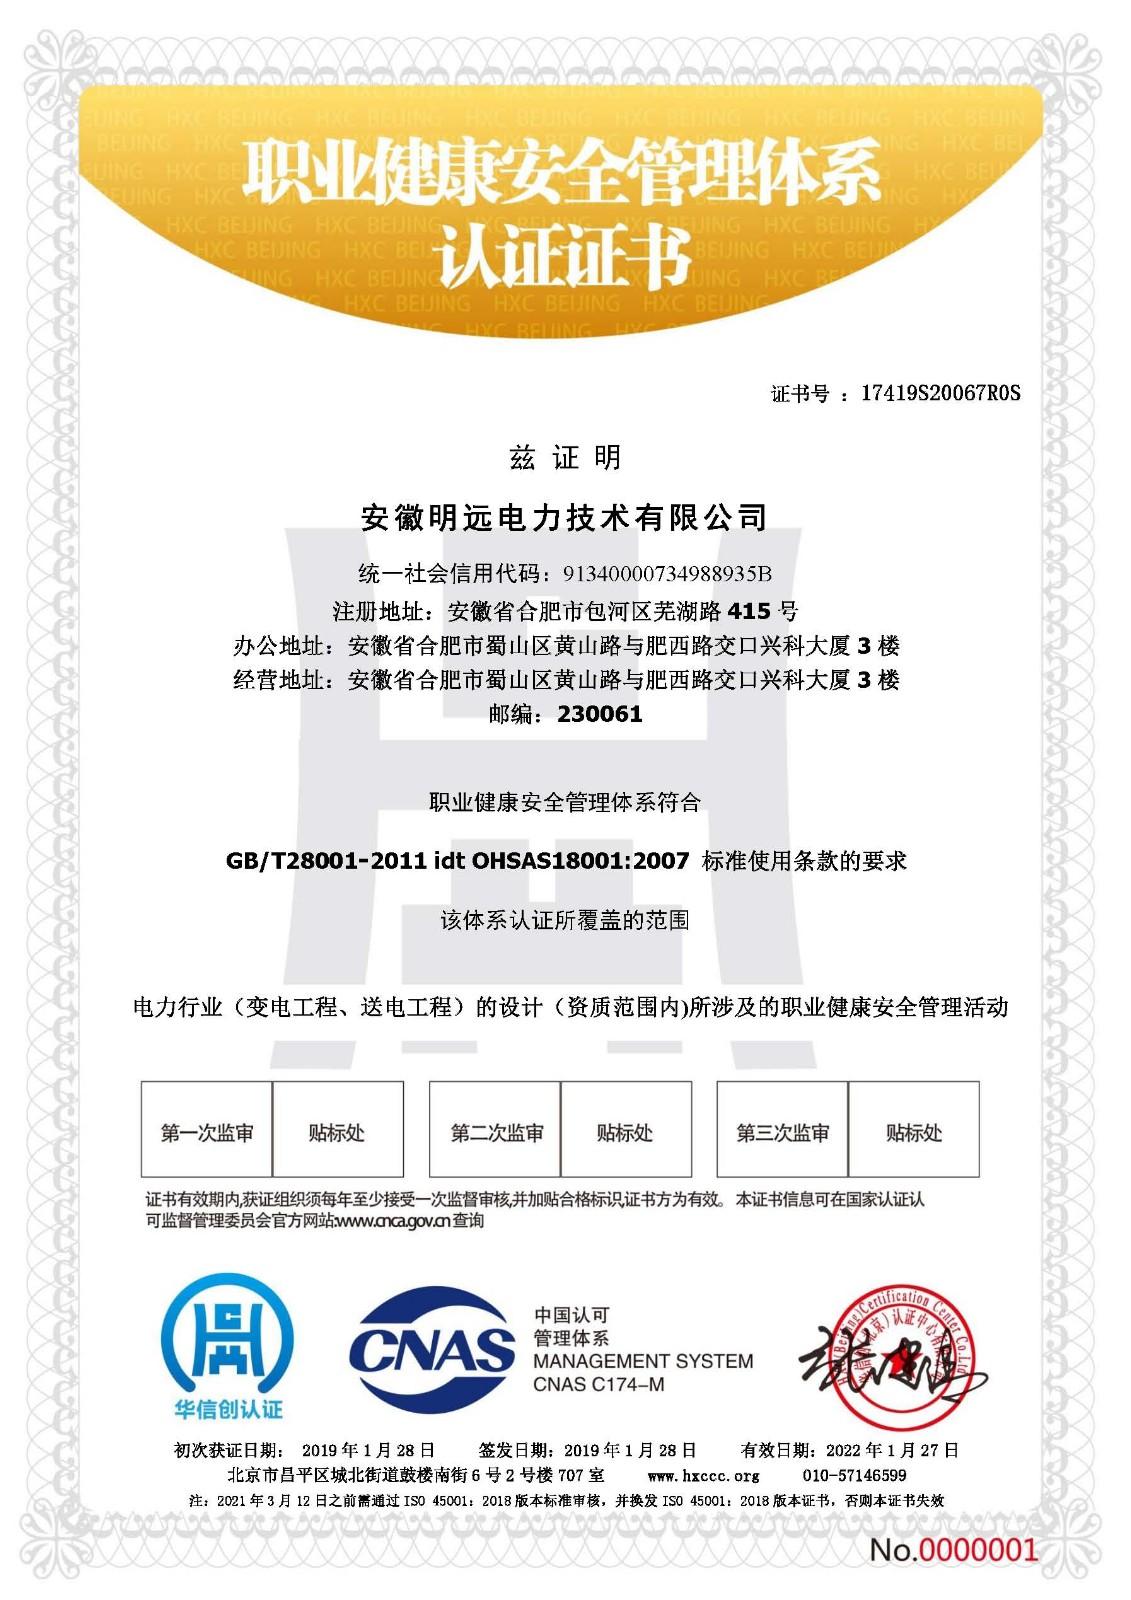 OHSAS18001证书样本中文3